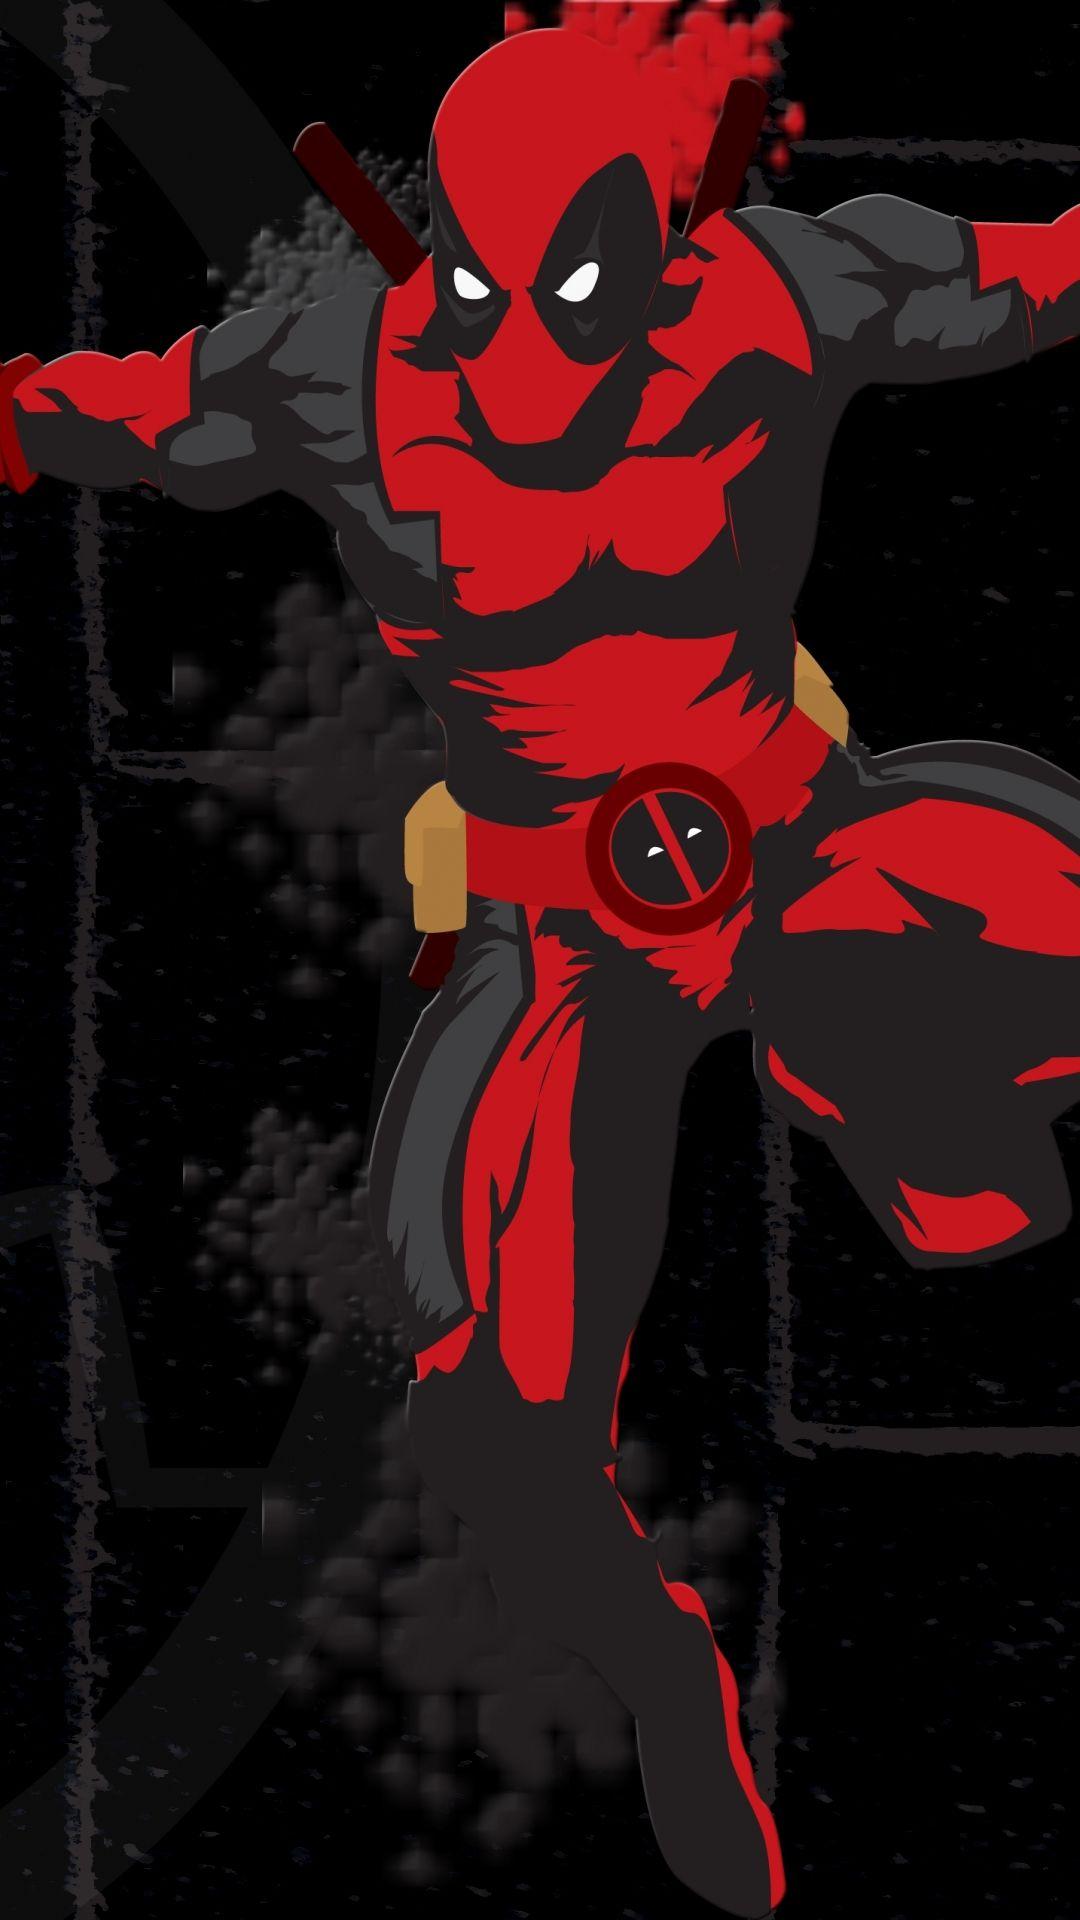 601696.jpg (1080×1920) Deadpool, Iphone wallpaper, Wallpaper